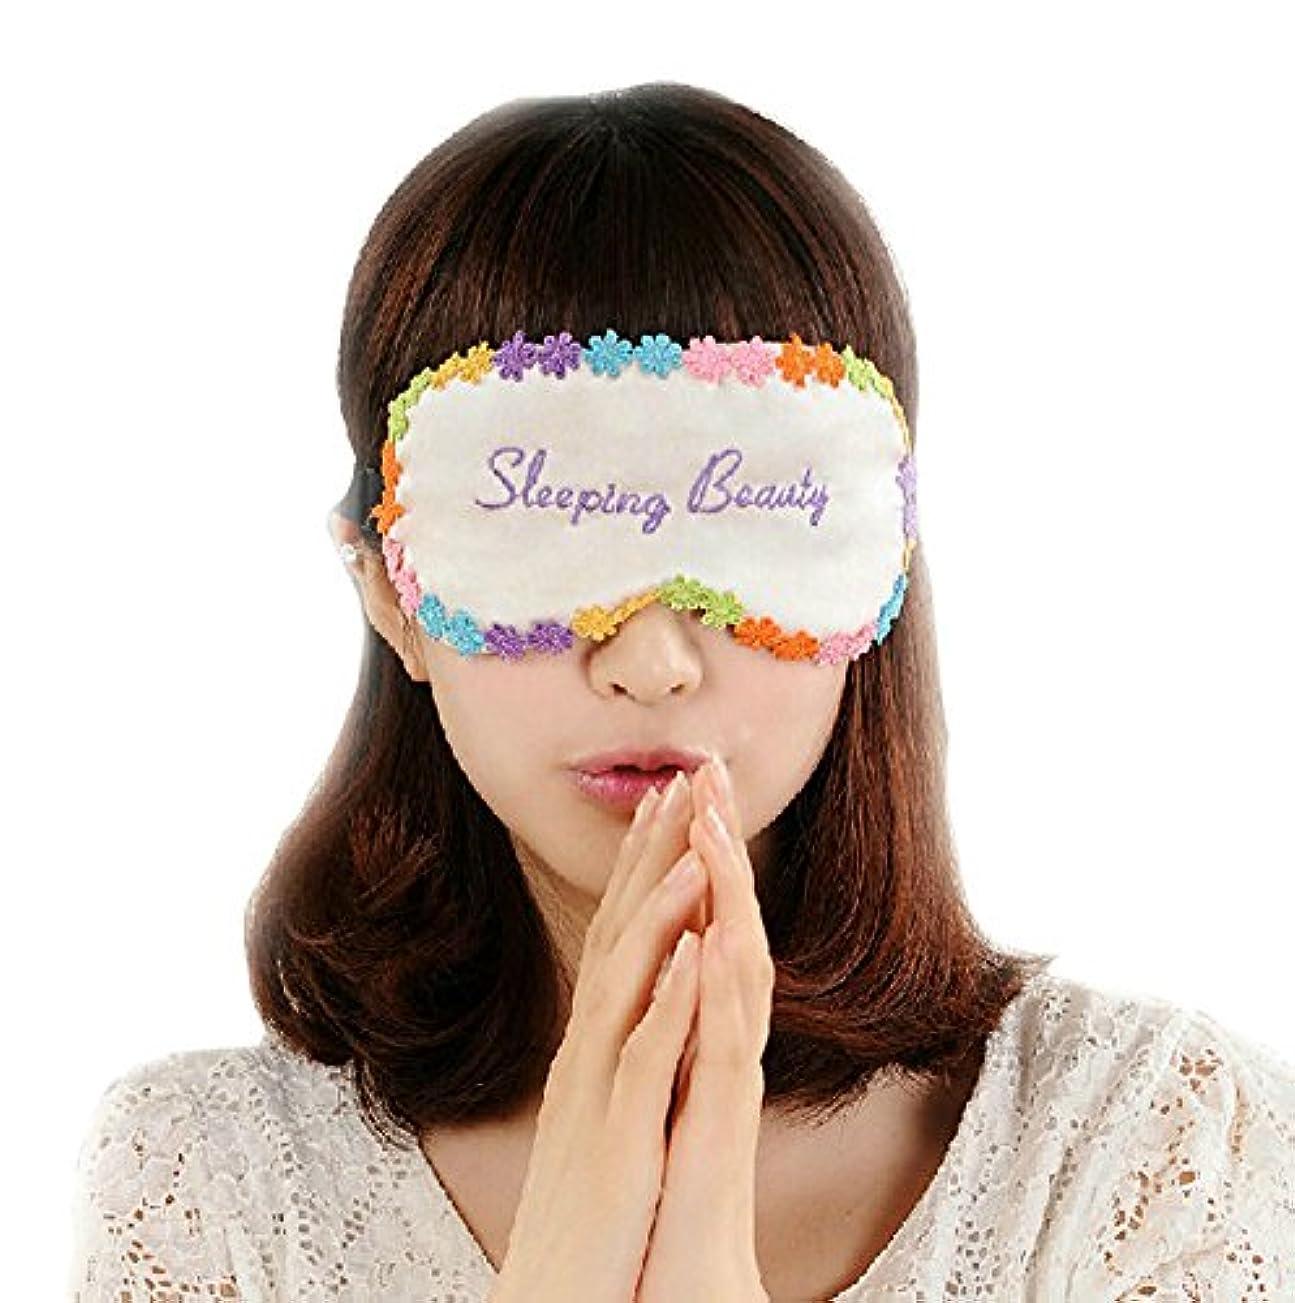 ピルファー恐怖ストライプダブルサイドシルクアイシェッド睡眠アイマスク美しいソフトアイマスク